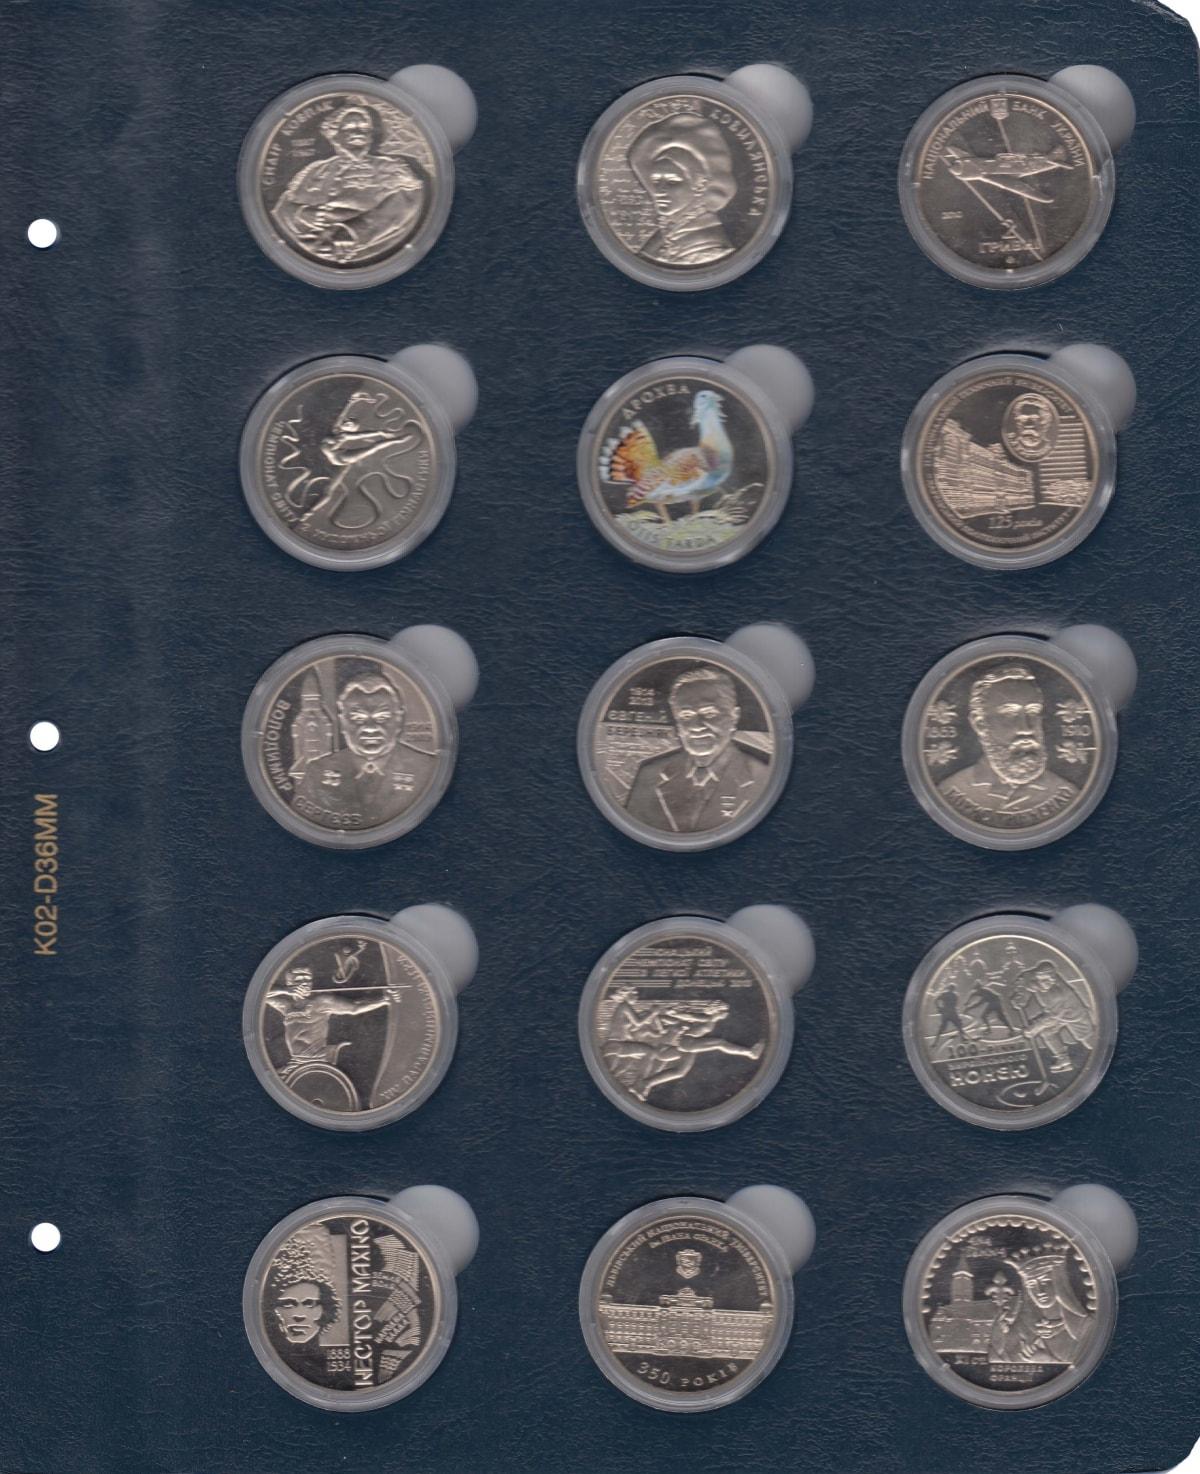 Альбом для коллекционных монет монеты приднестровья 2016 года